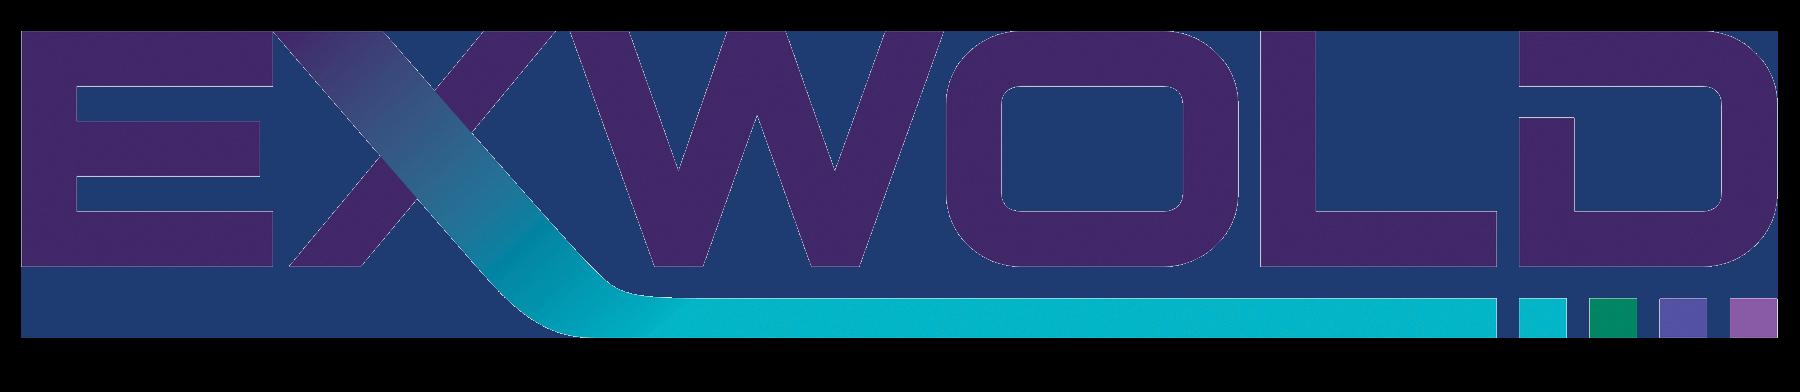 Exwold-High-Res-Logo-No-Strapline